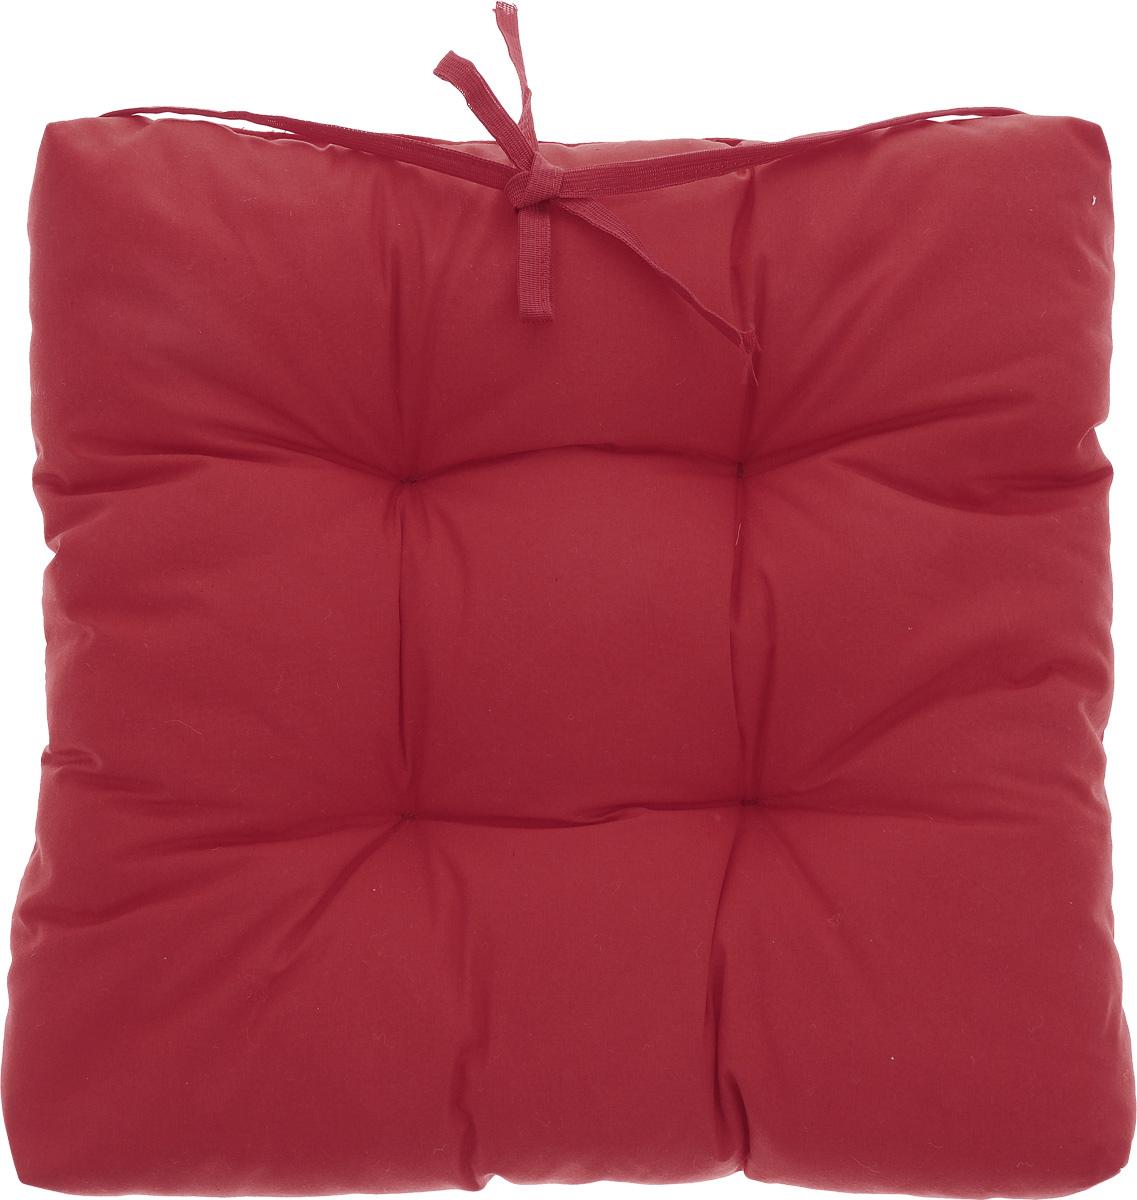 Подушка на стул Eva, объемная, цвет: красный, 40 х 40 смVT-1520(SR)Подушка Eva, изготовленная из хлопка, прослужит вам не один десяток лет. Внутри - мягкий наполнитель из полиэстера. Стежка надежно удерживает наполнитель внутри и не позволяет ему скатываться. Подушка легко крепится на стул с помощью завязок. Правильно сидеть - значит сохранить здоровье на долгие годы. Жесткие сидения подвергают наше здоровье опасности. Подушка с наполнителем из полиэстера поможет предотвратить многие беды, которыми грозит сидячий образ жизни.